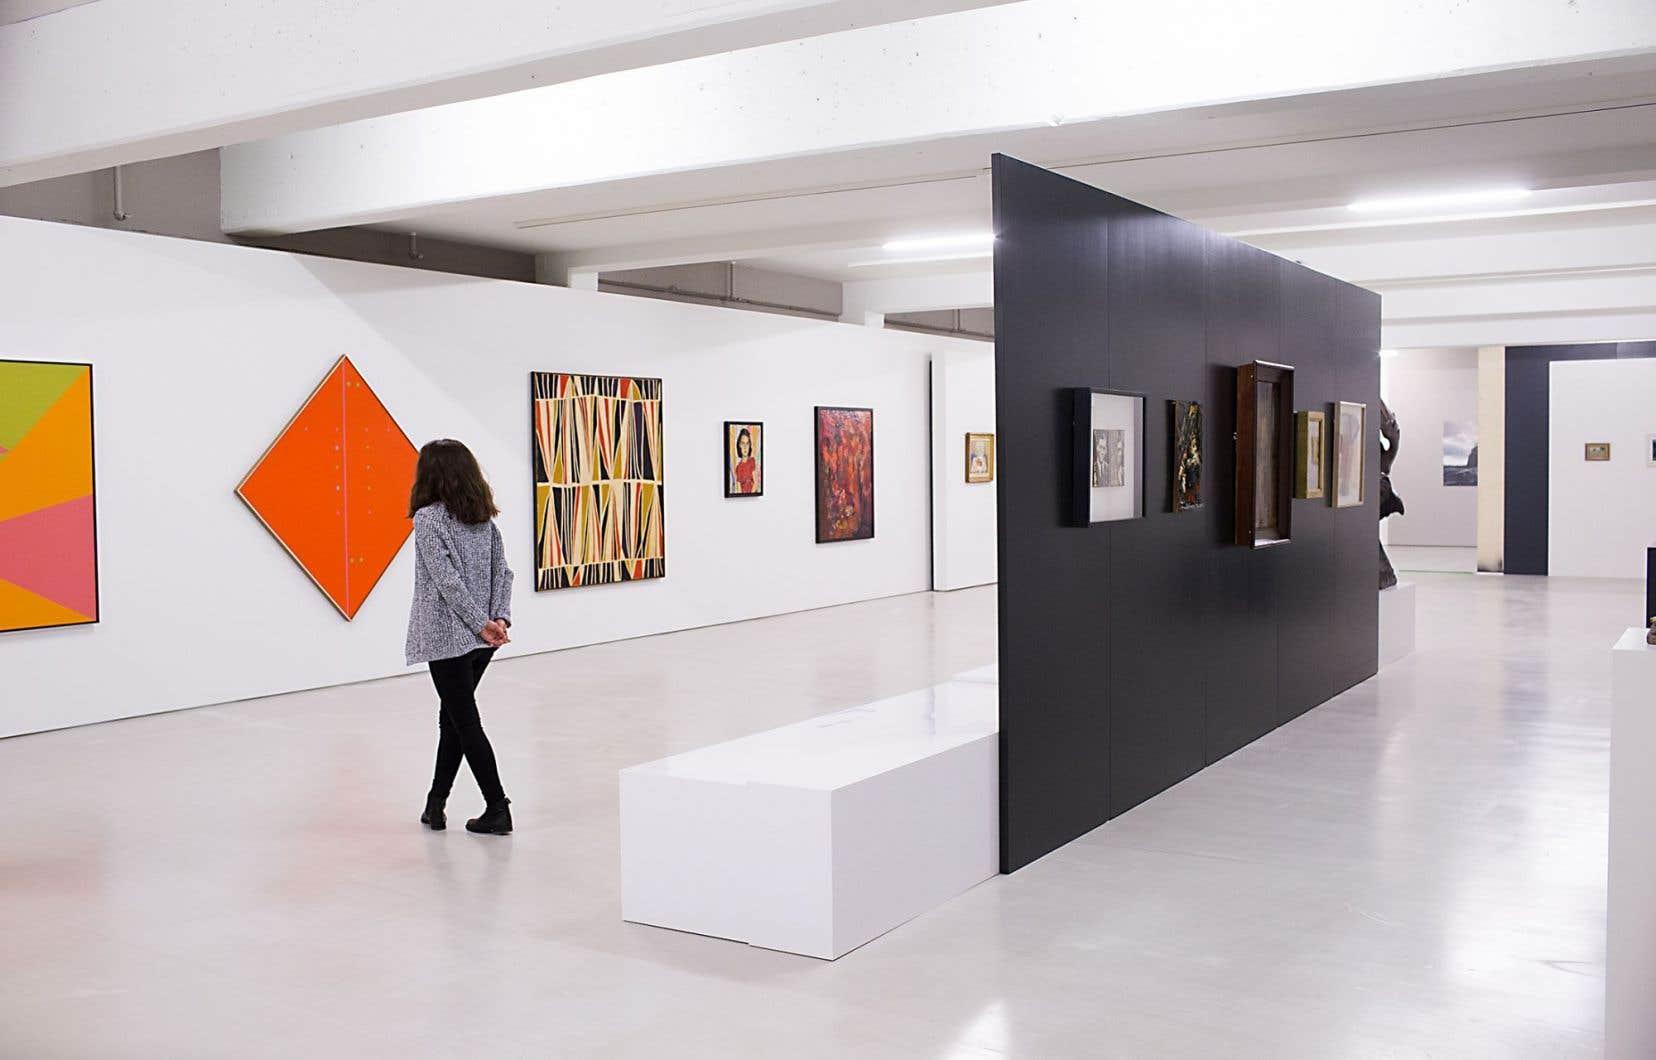 L'art est exigeant. Il demande du temps, de l'introspection, un effort de l'esprit. Sur la photo: le Musée d'art de Joliette.